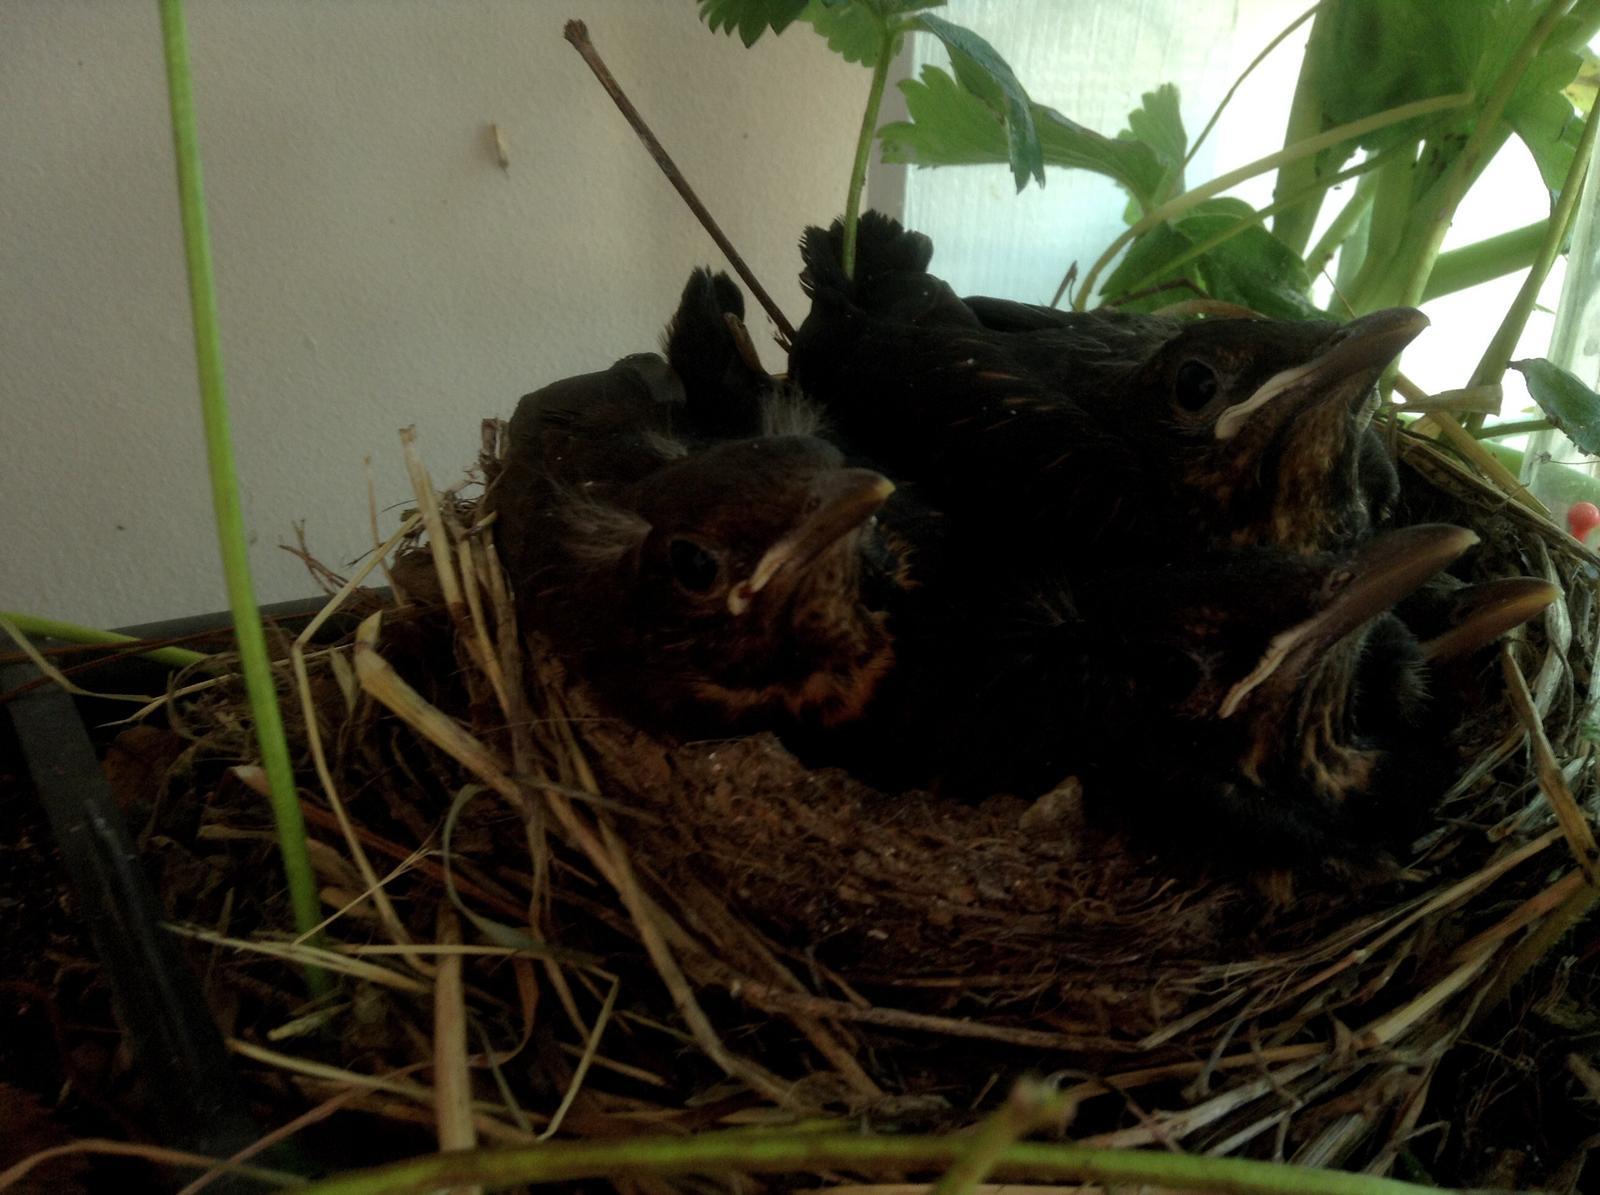 Moje jahody :) - Posledná foto... Zrazu fŕŕŕ a boli preč.... ;(